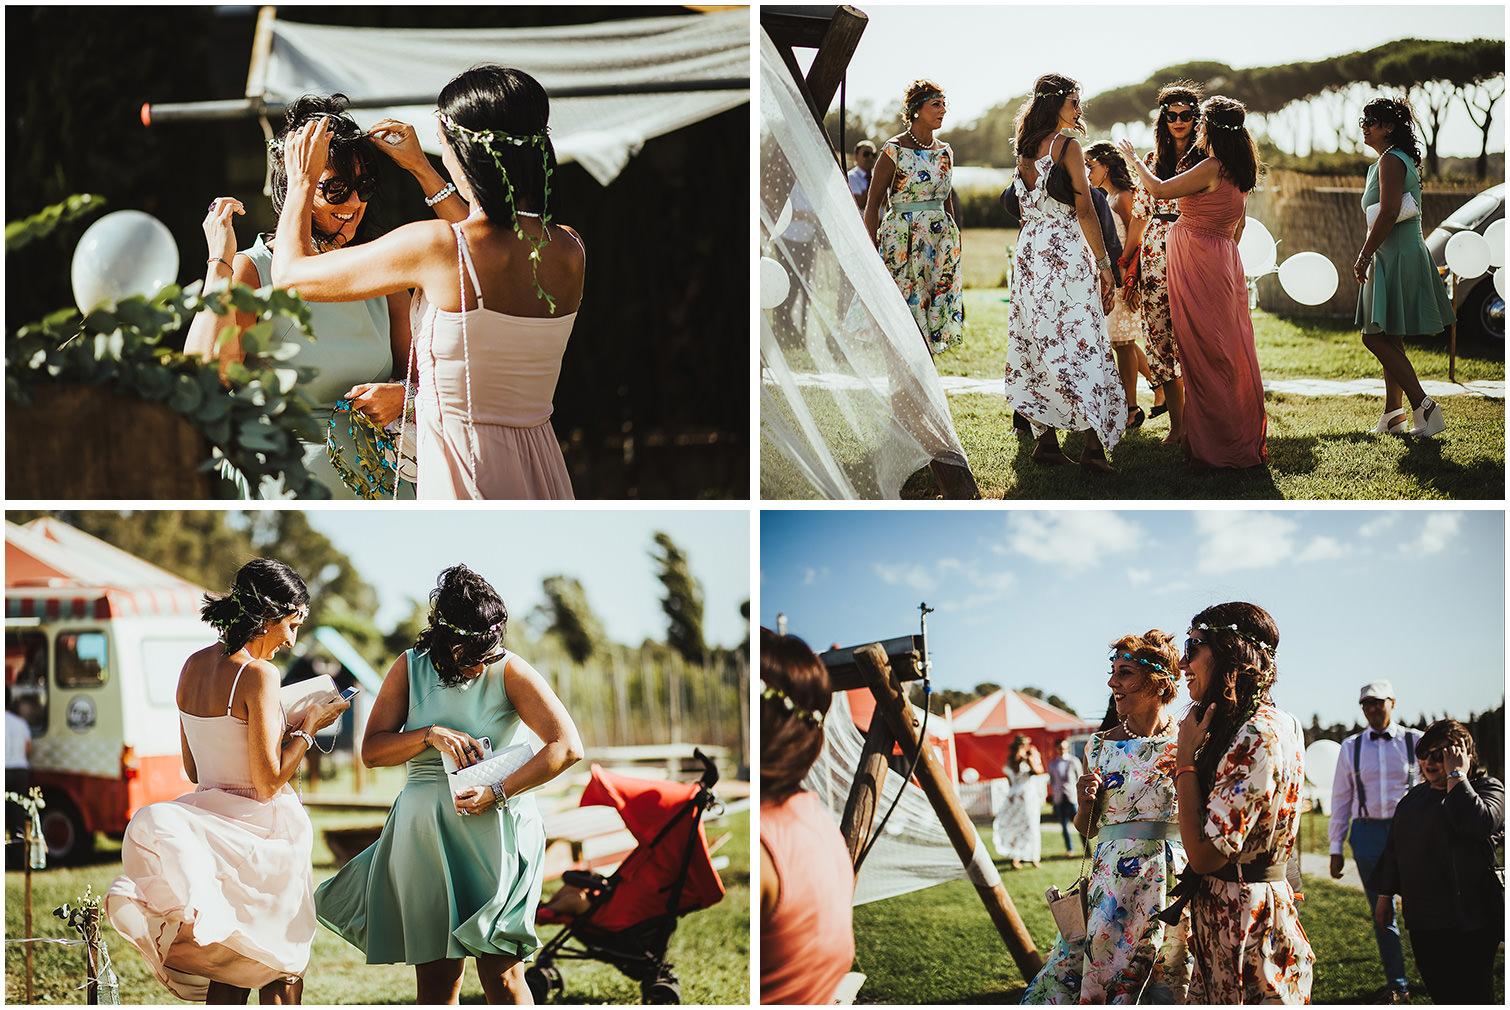 CLARA-RICCARDO-MATRIMONIO-CIRCO-VOLAVOILA-ROMA-SARA-LORENZONI-WEDDING-PHOTOGRAPHY-010